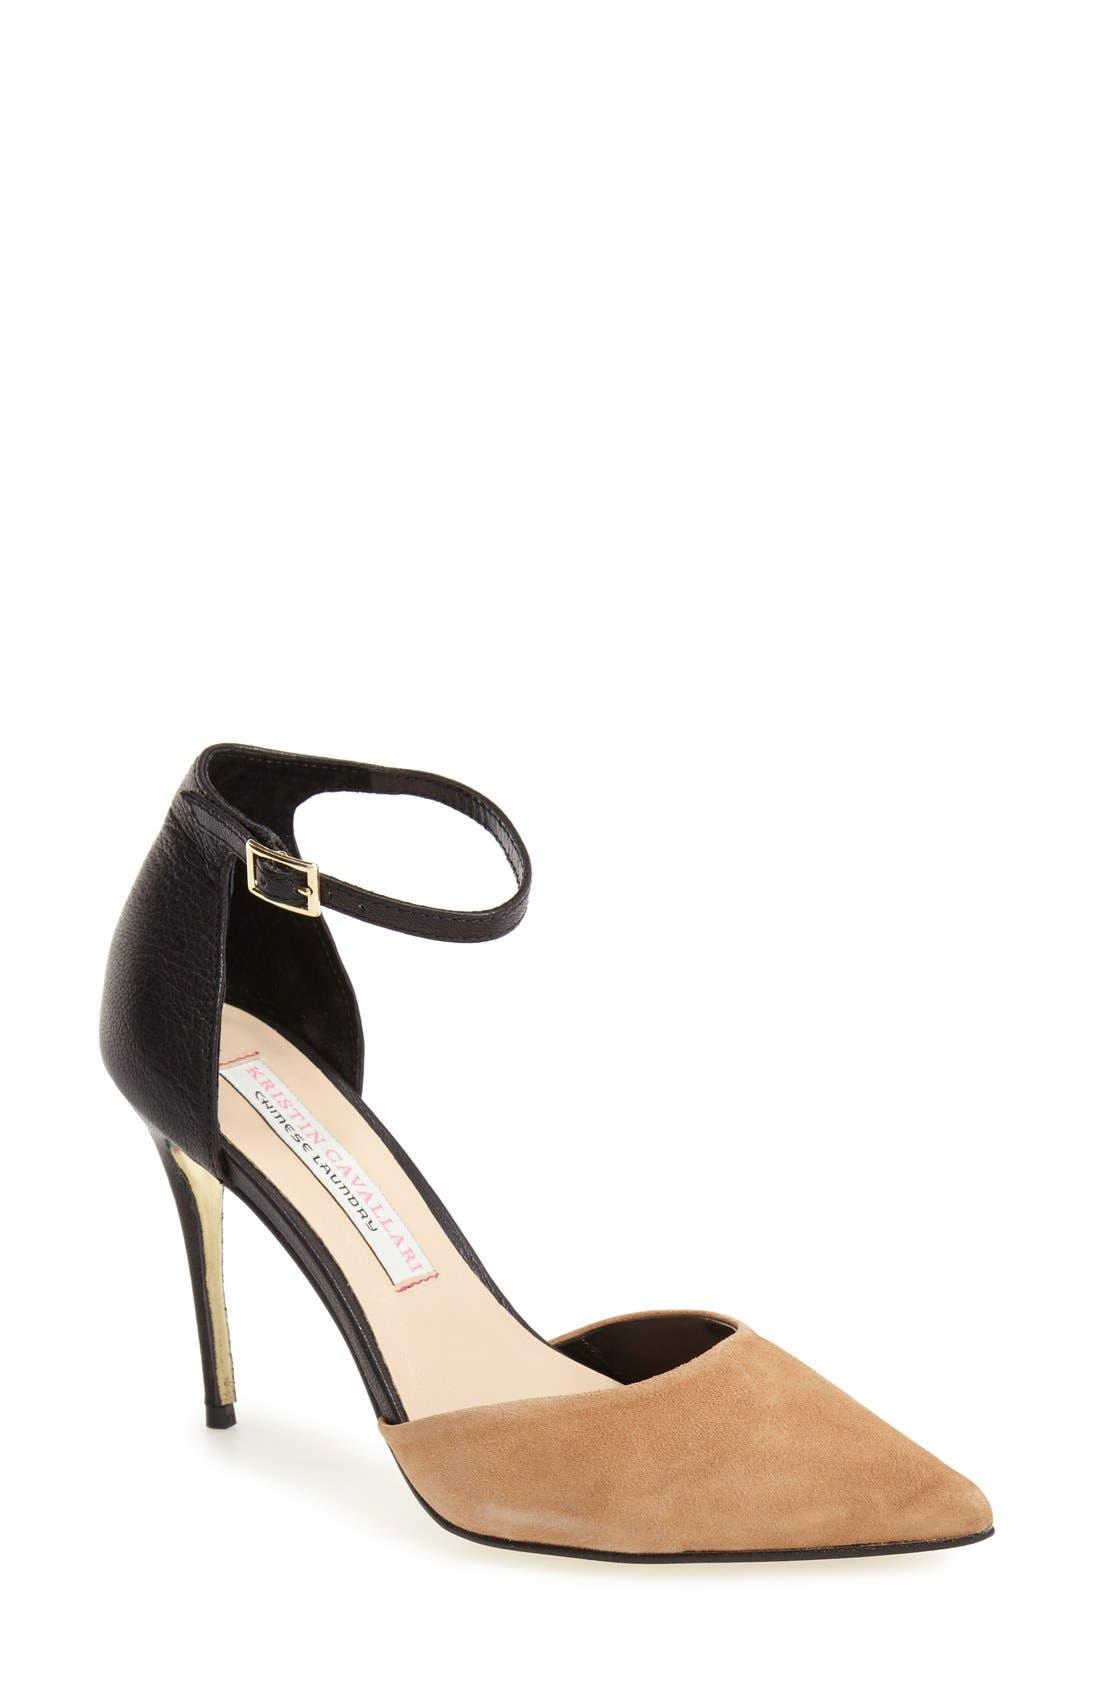 Ankle Strap Pump,                         Main,                         color, Black/ Camel Suede